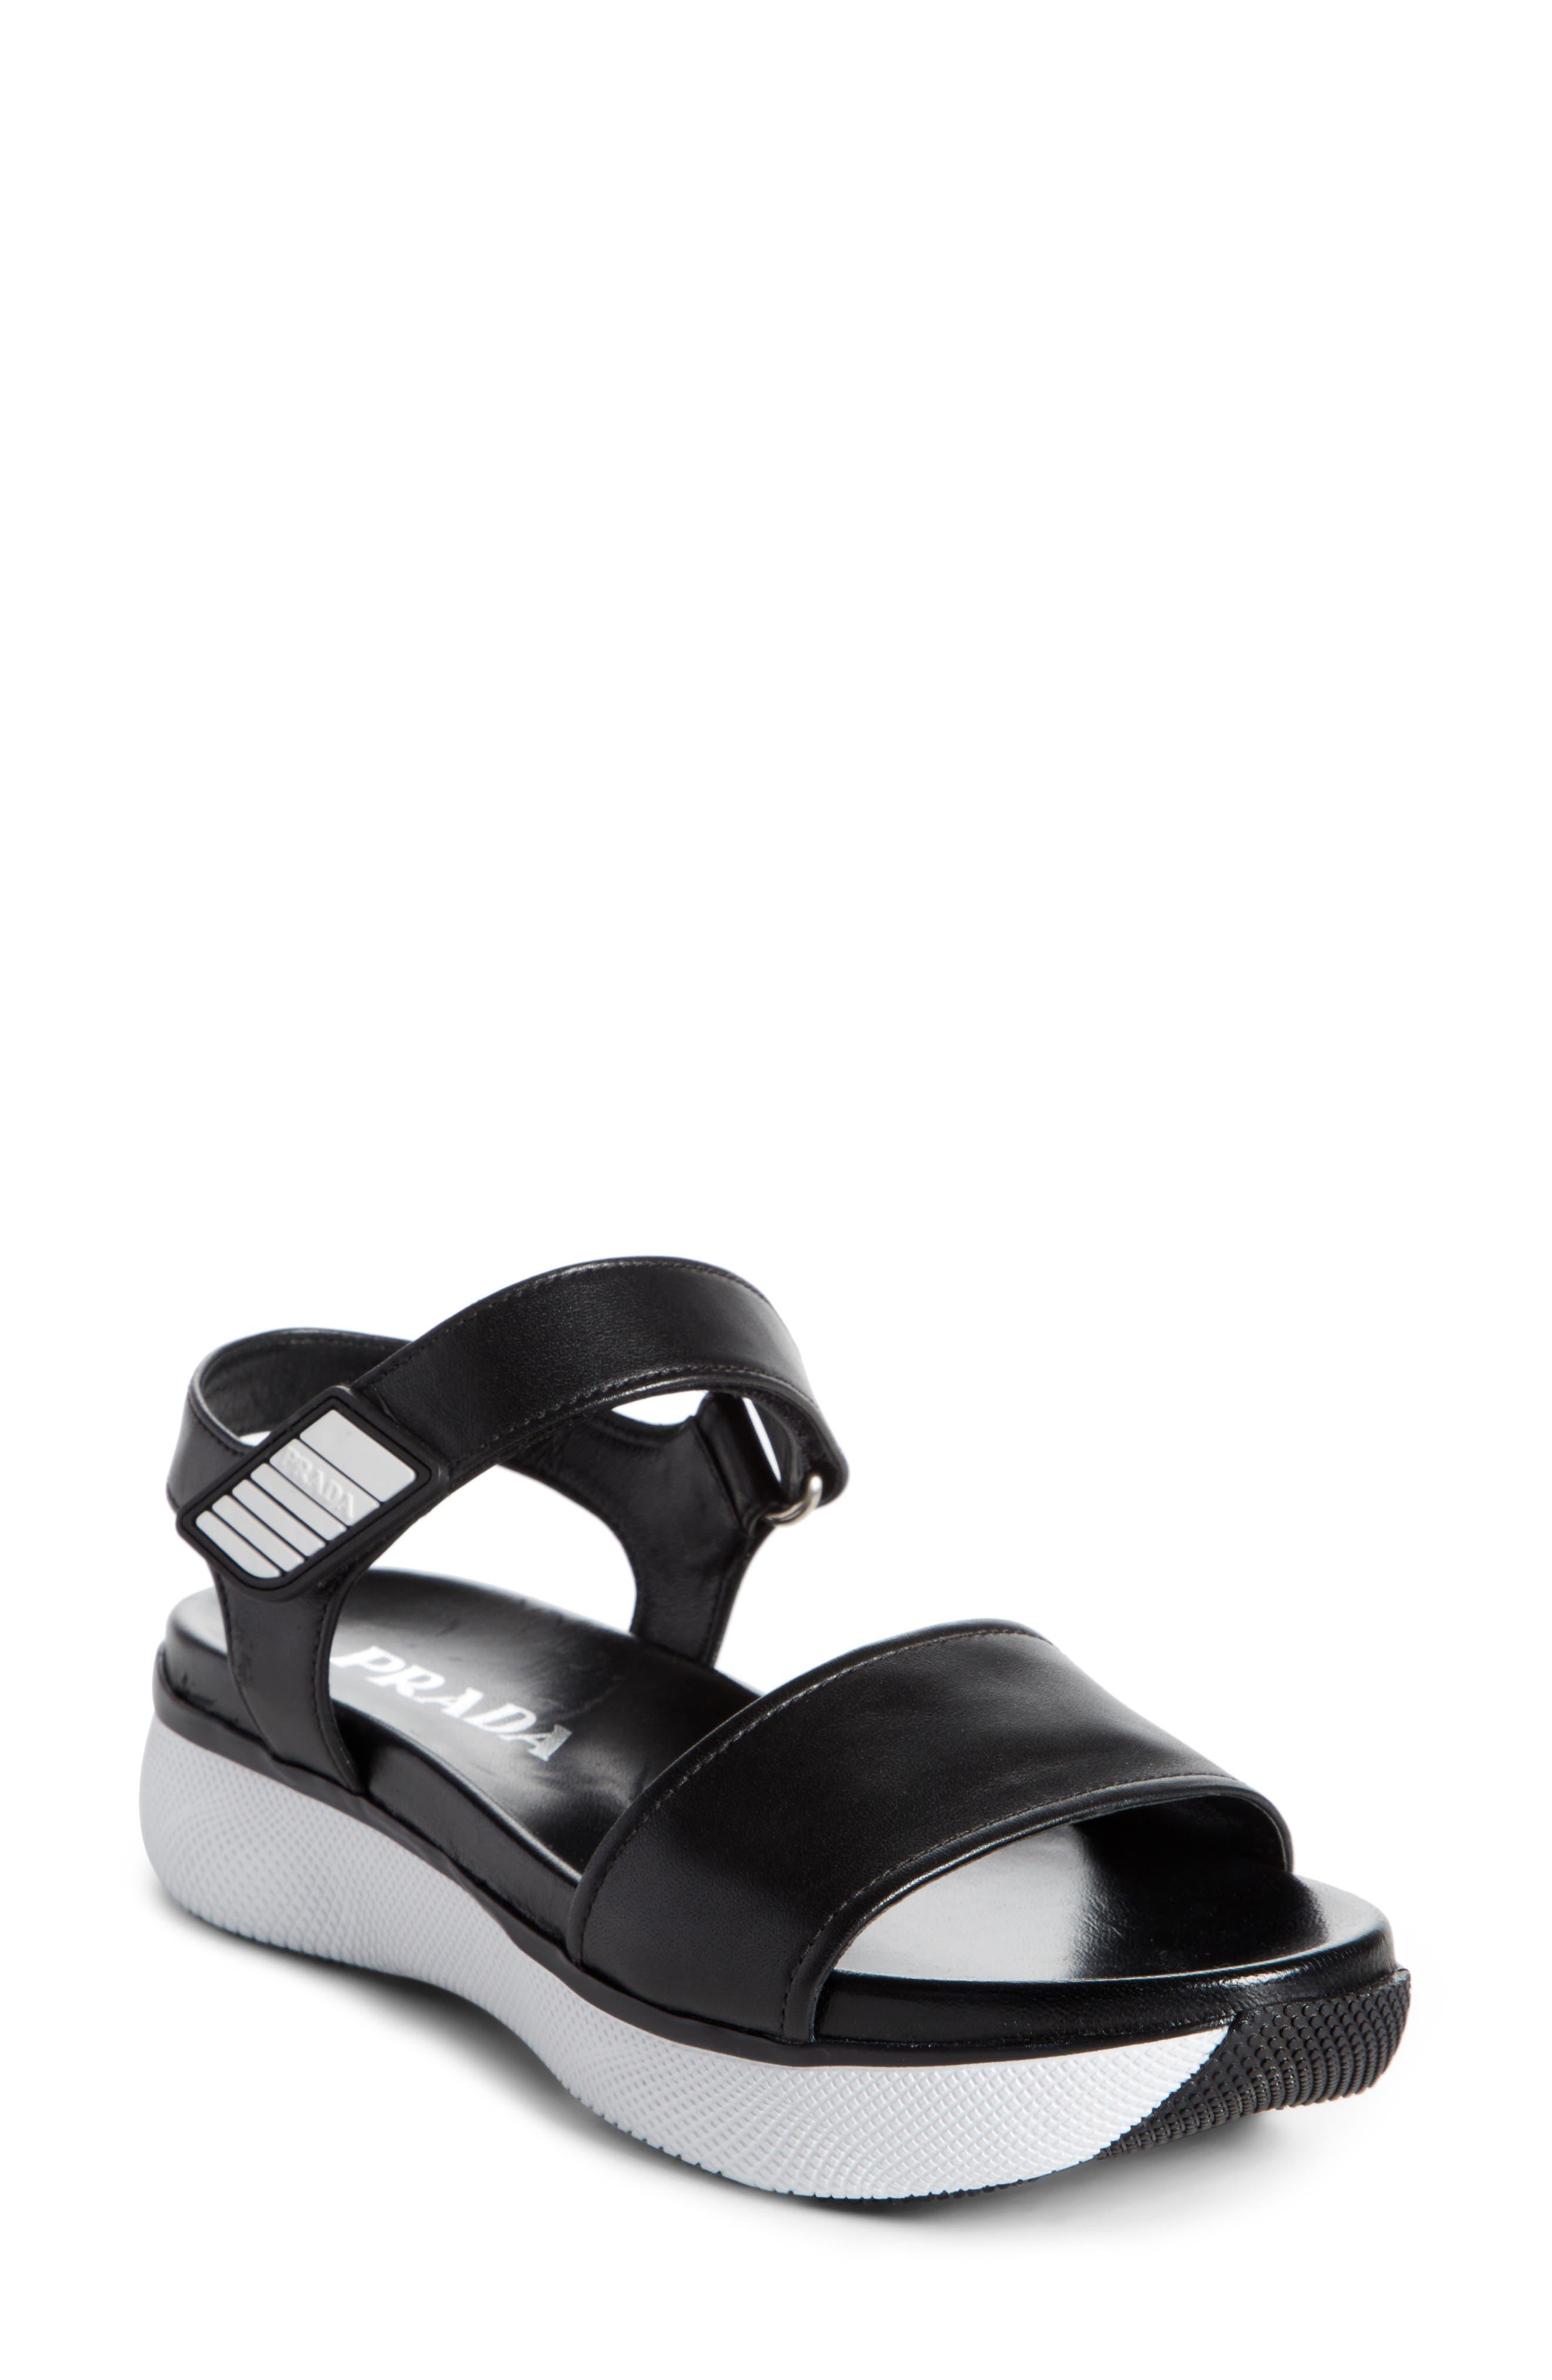 Platform Sandal,                             Main thumbnail 1, color,                             Black/ White